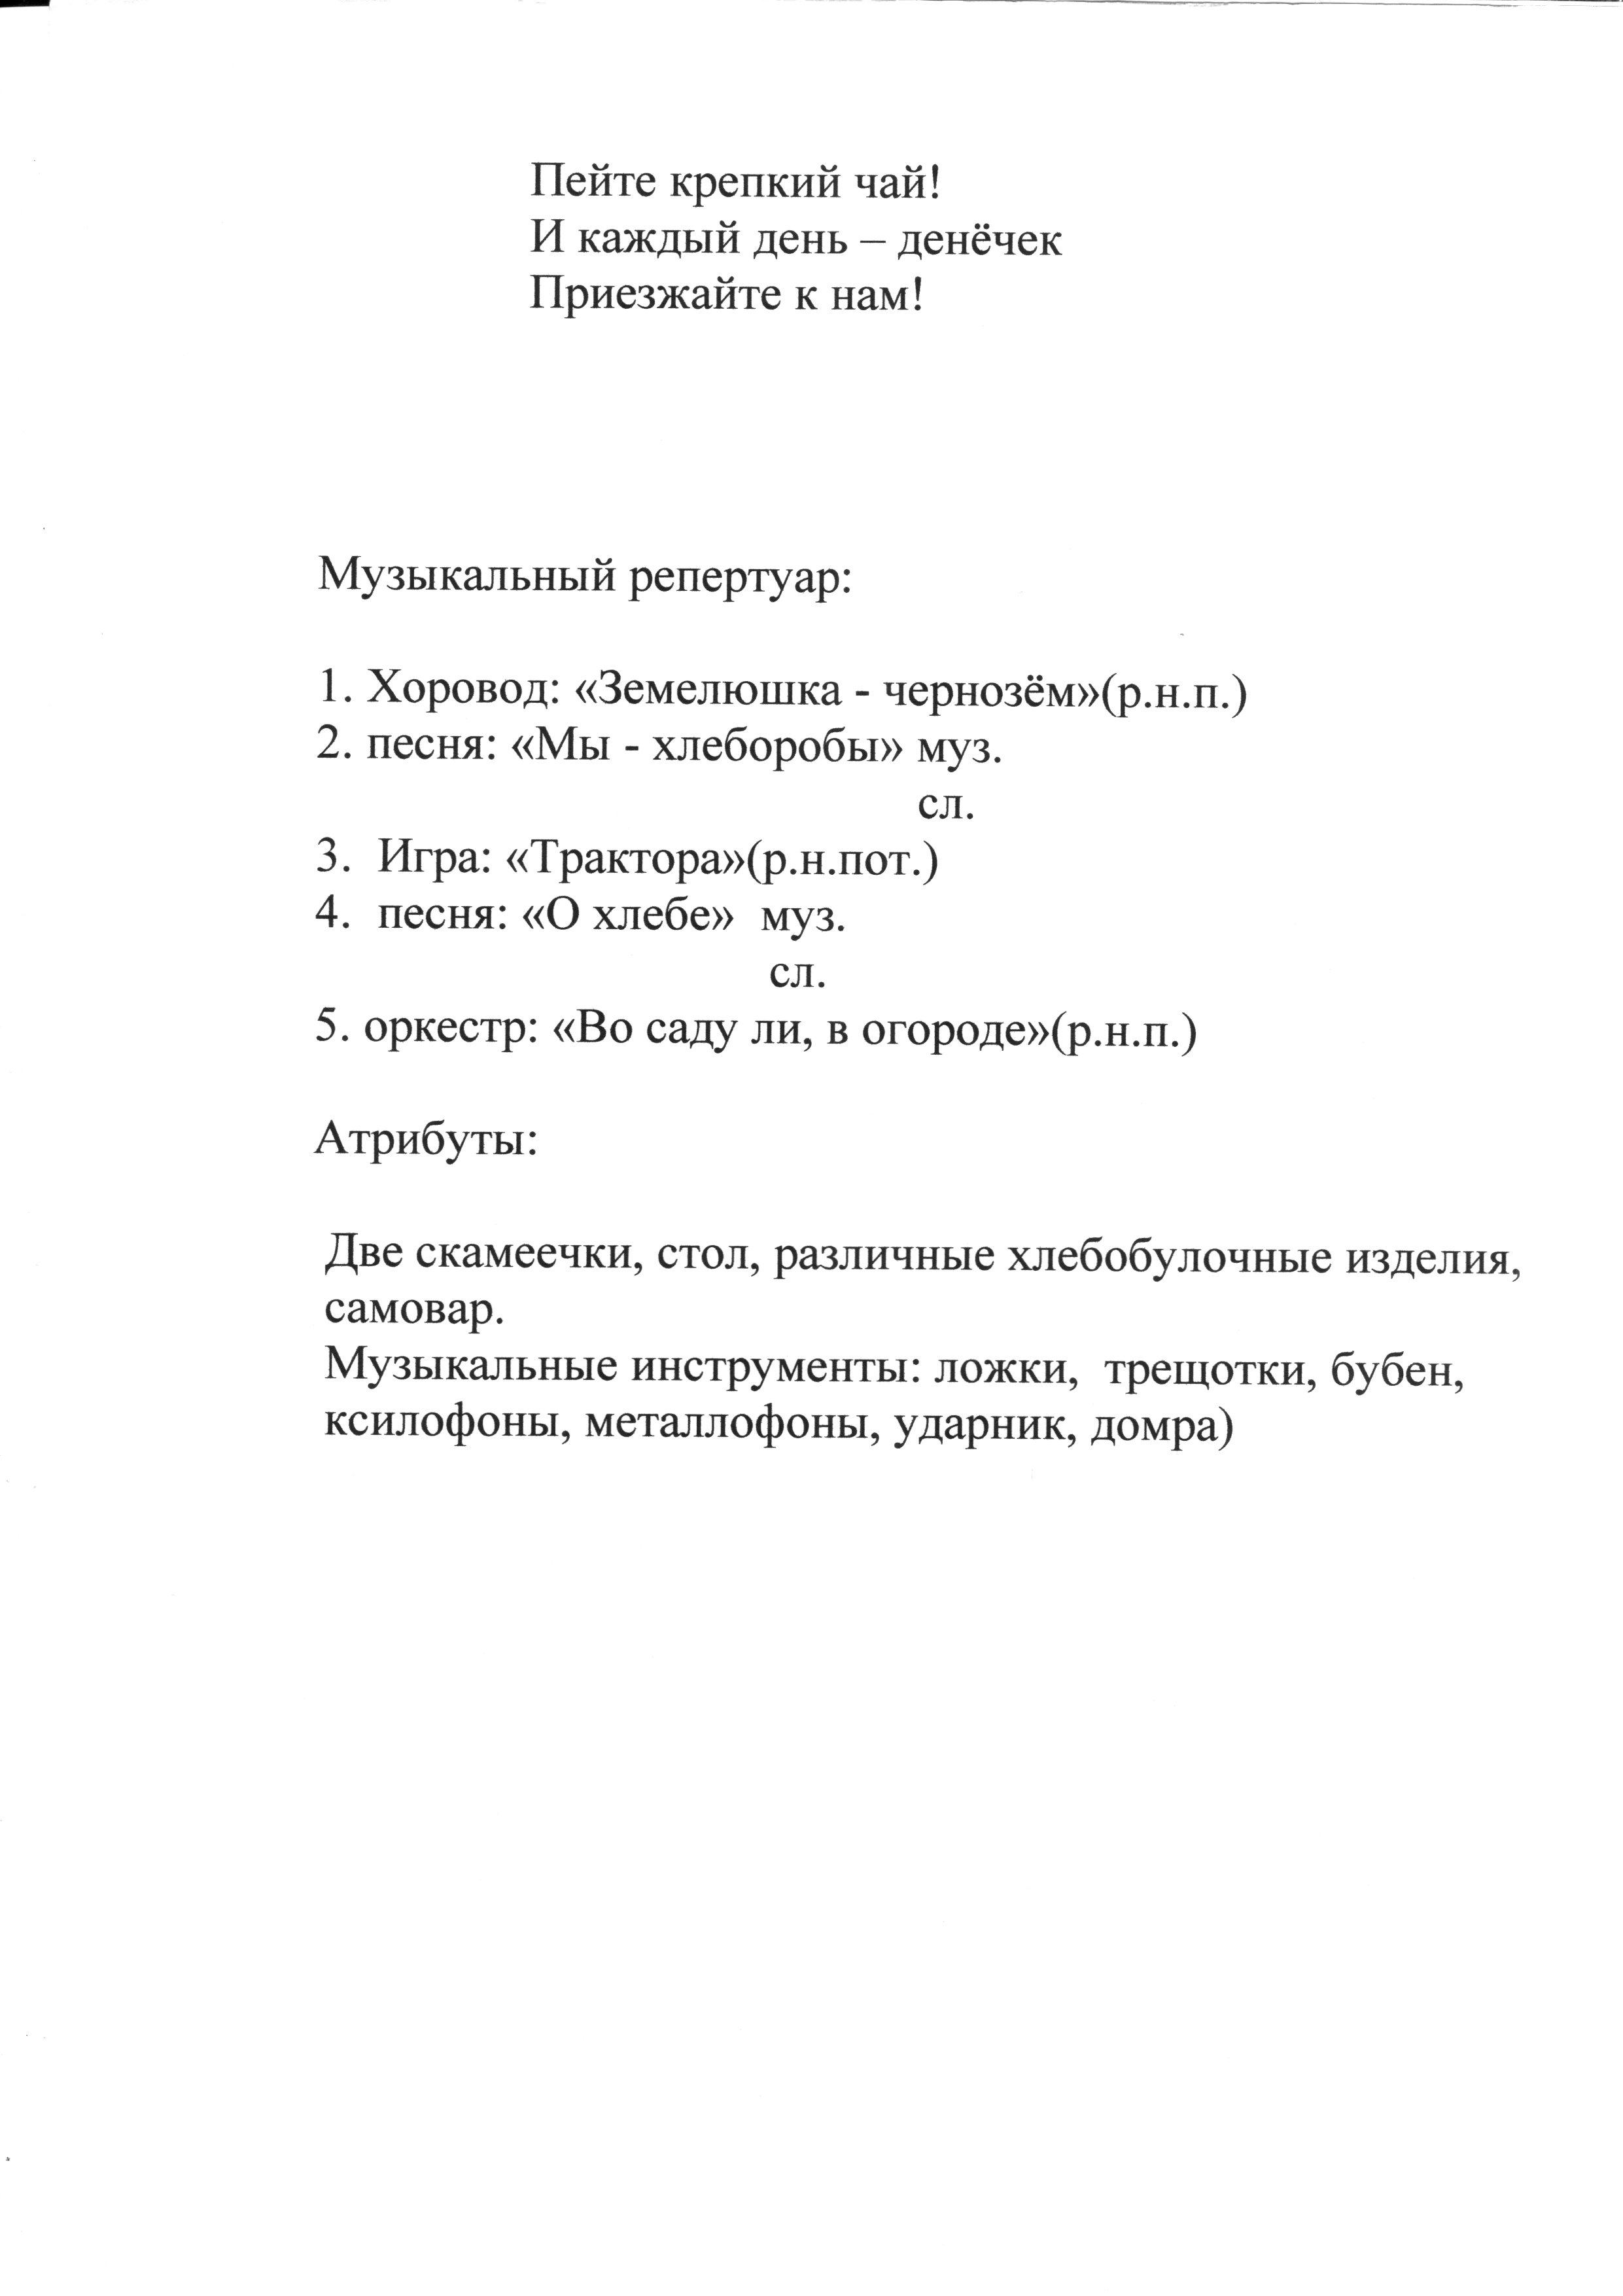 C:\Users\User\Desktop\музыкальный руководитель Сухих Е.В\img012.jpg